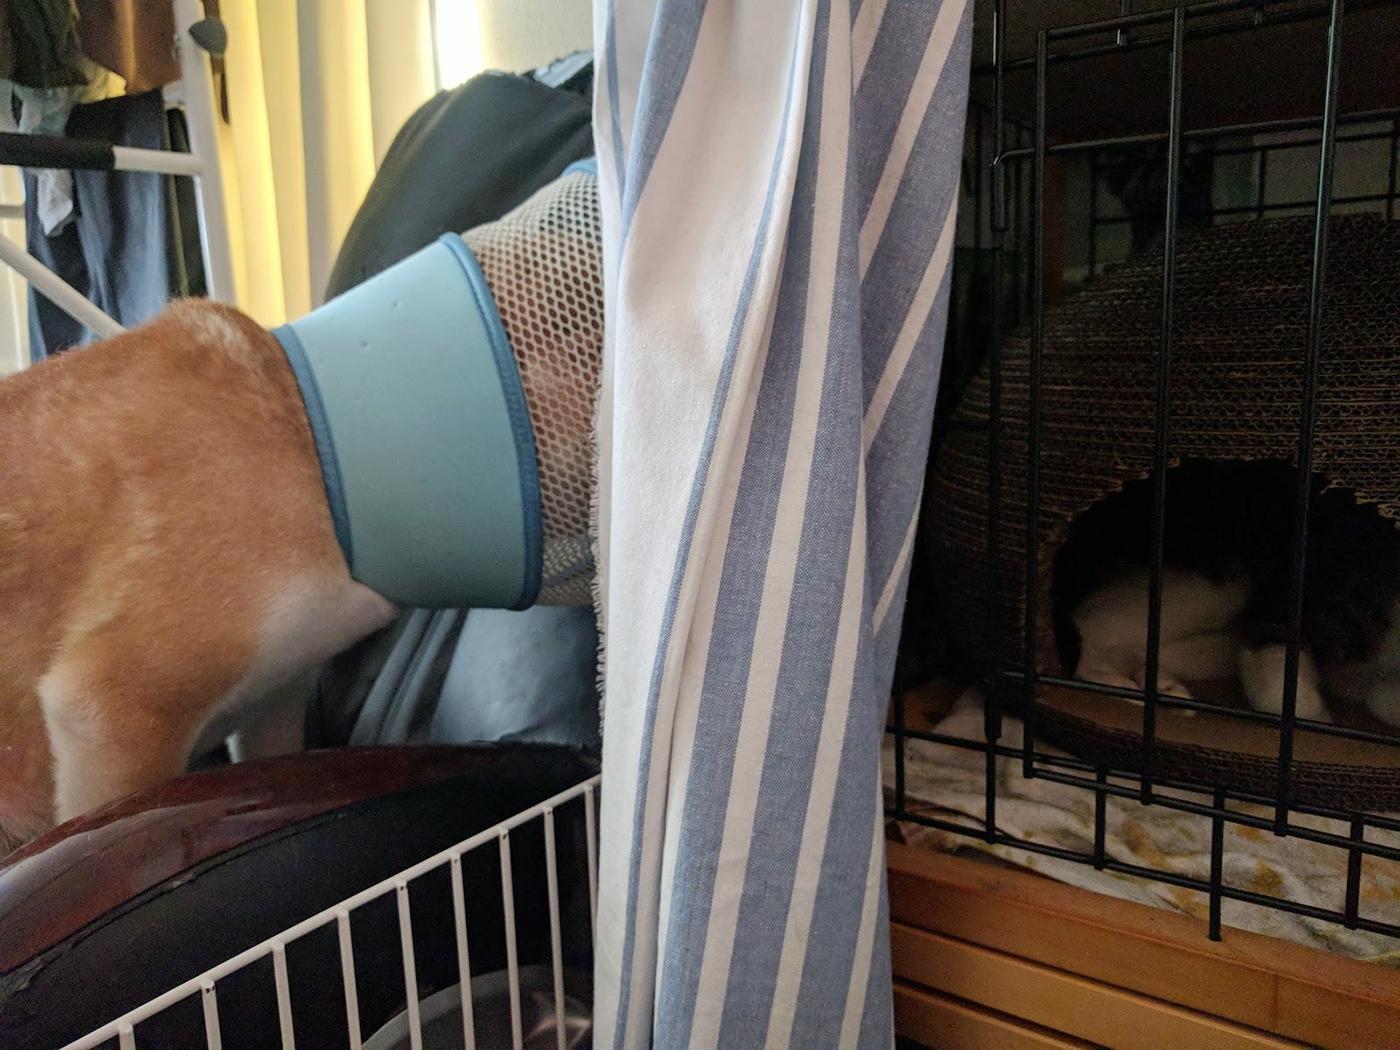 大怪我してた野良猫の保護 19日目 柴犬との同居